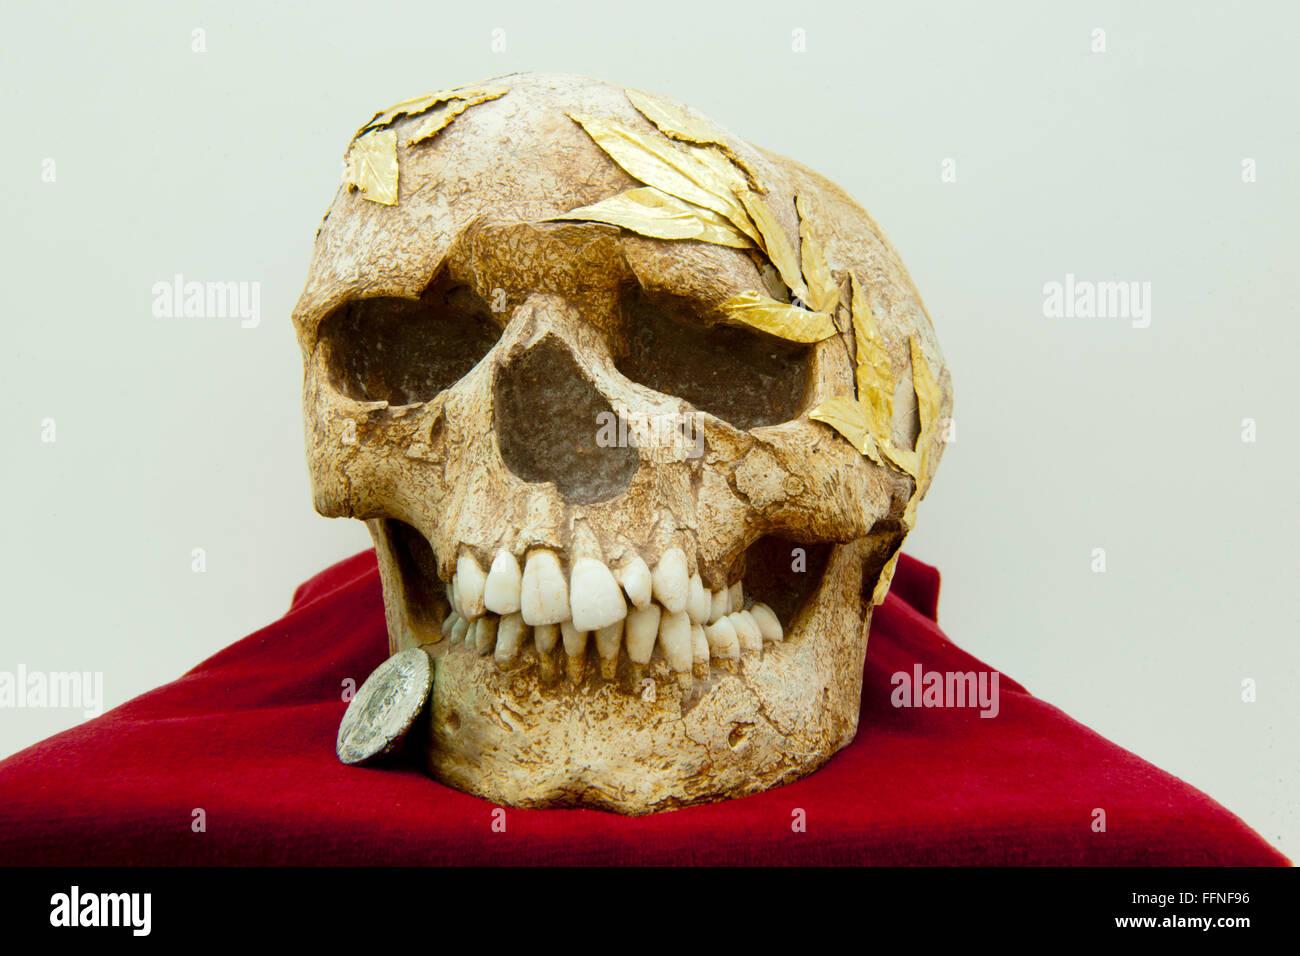 Archäologisches Museum, Römischer Totenschädel Mit Einer Münze Im Mund, Ein Obolus Für Stockbild